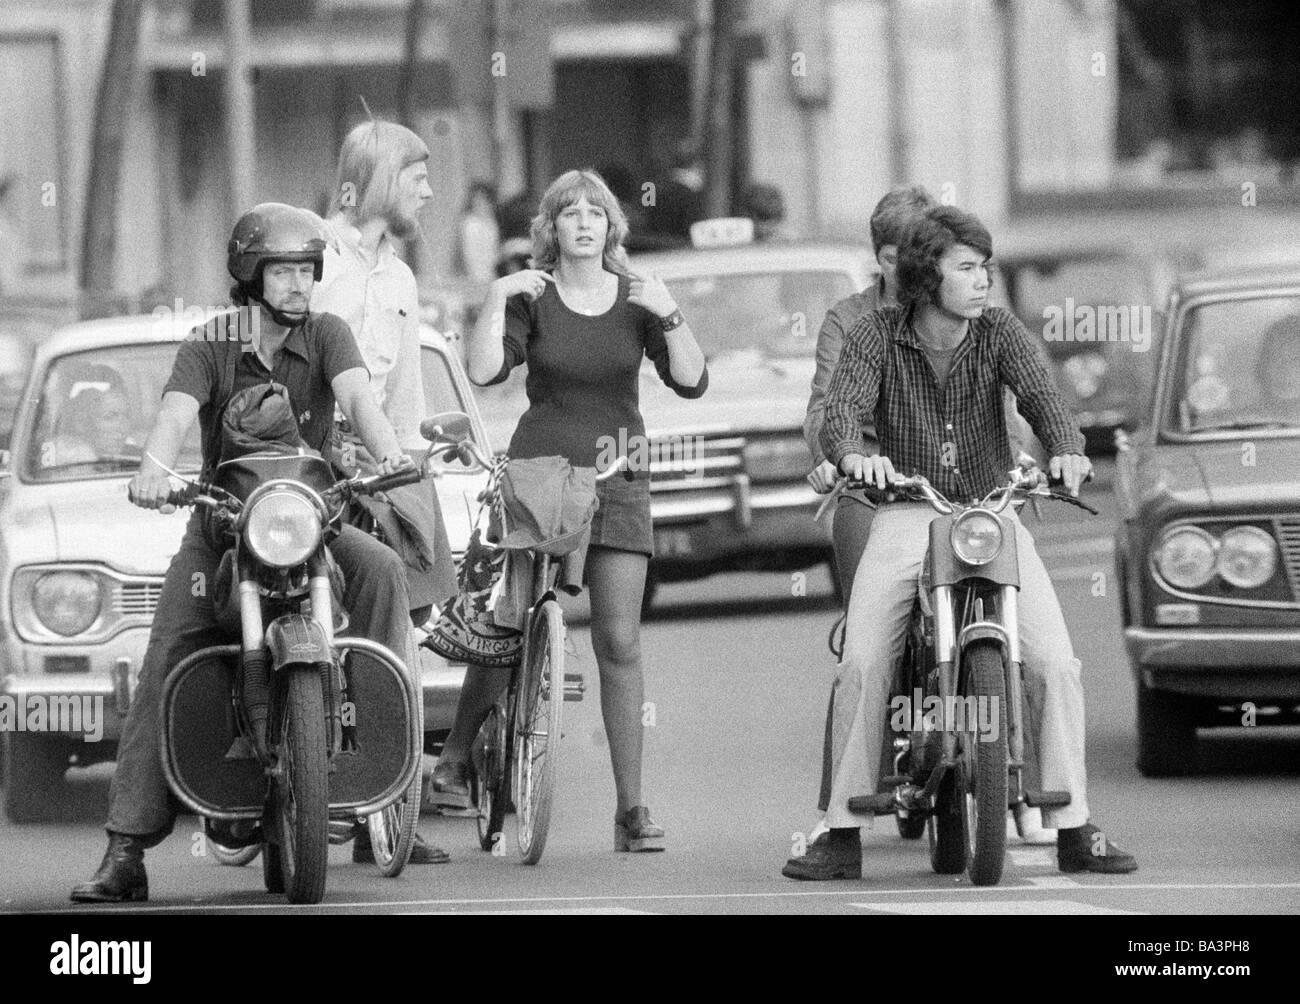 70er Jahre, schwarz / weiß Foto, Straßenverkehr, andere..